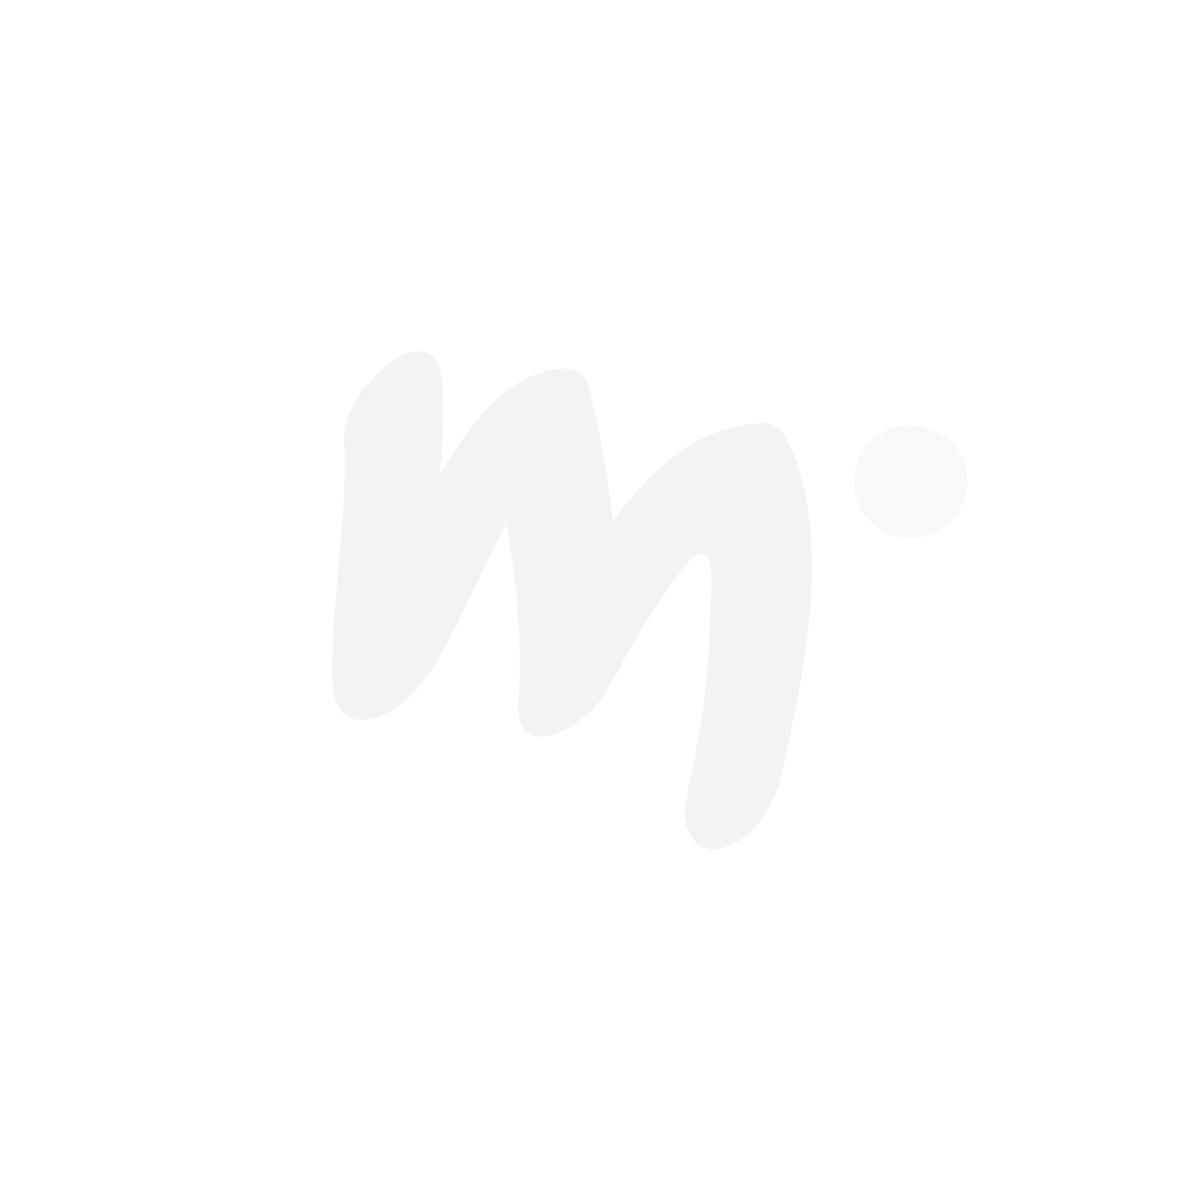 Muumi Moominvalley-teepurkki